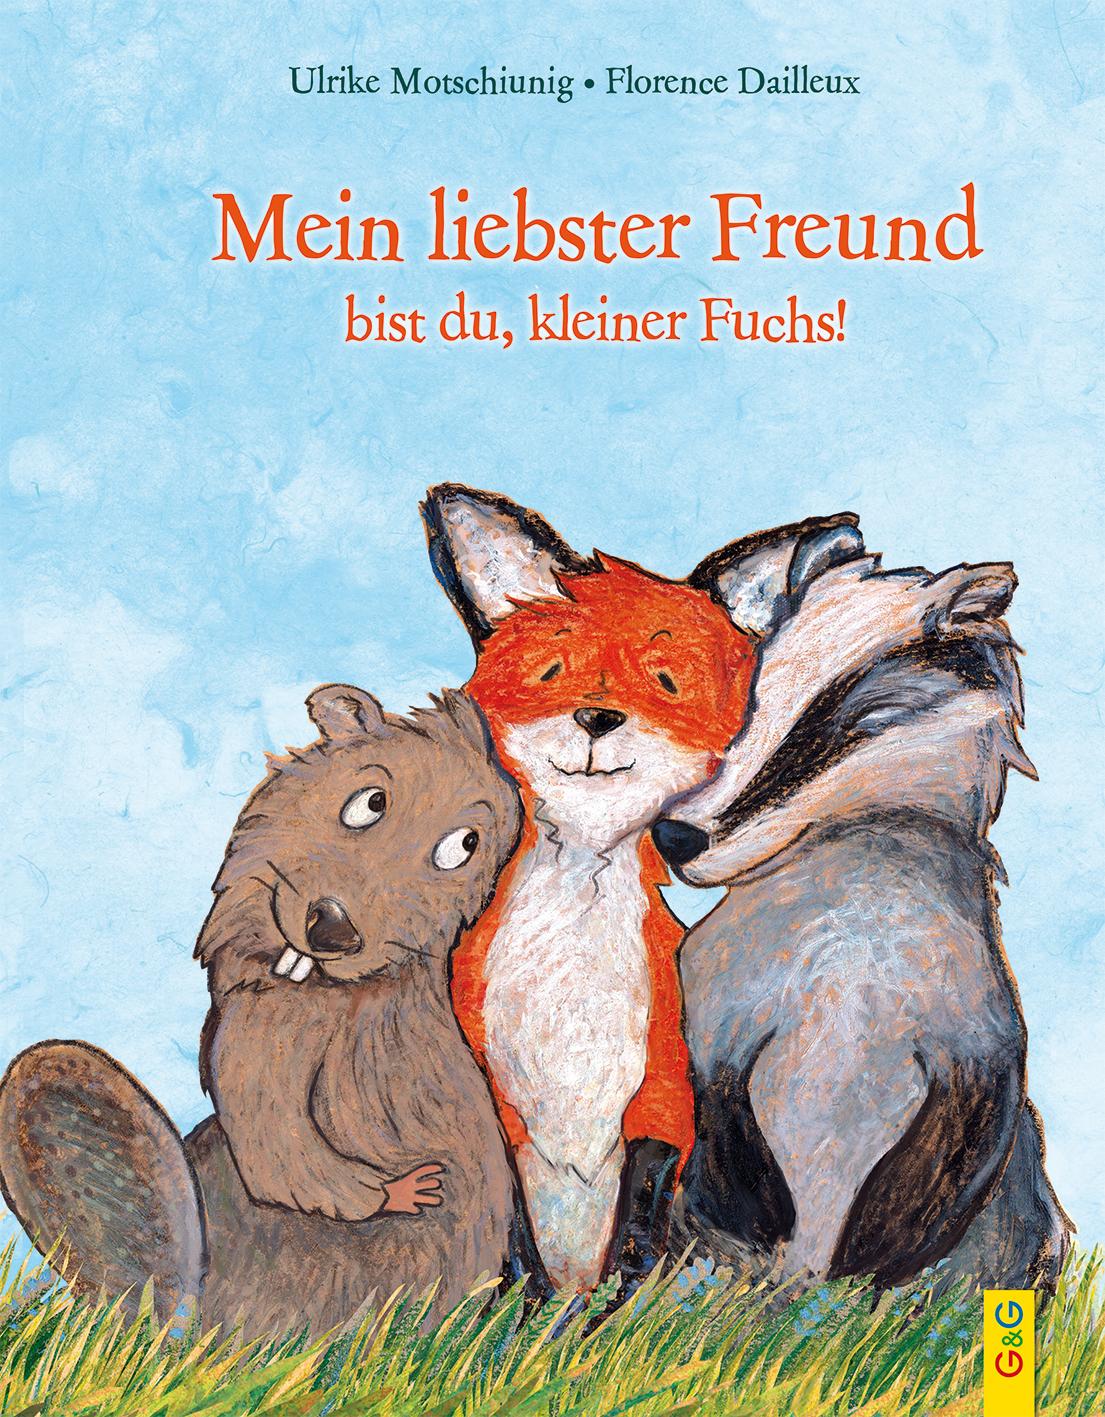 Mein liebster Freund bist du, kleiner Fuchs! Book Cover